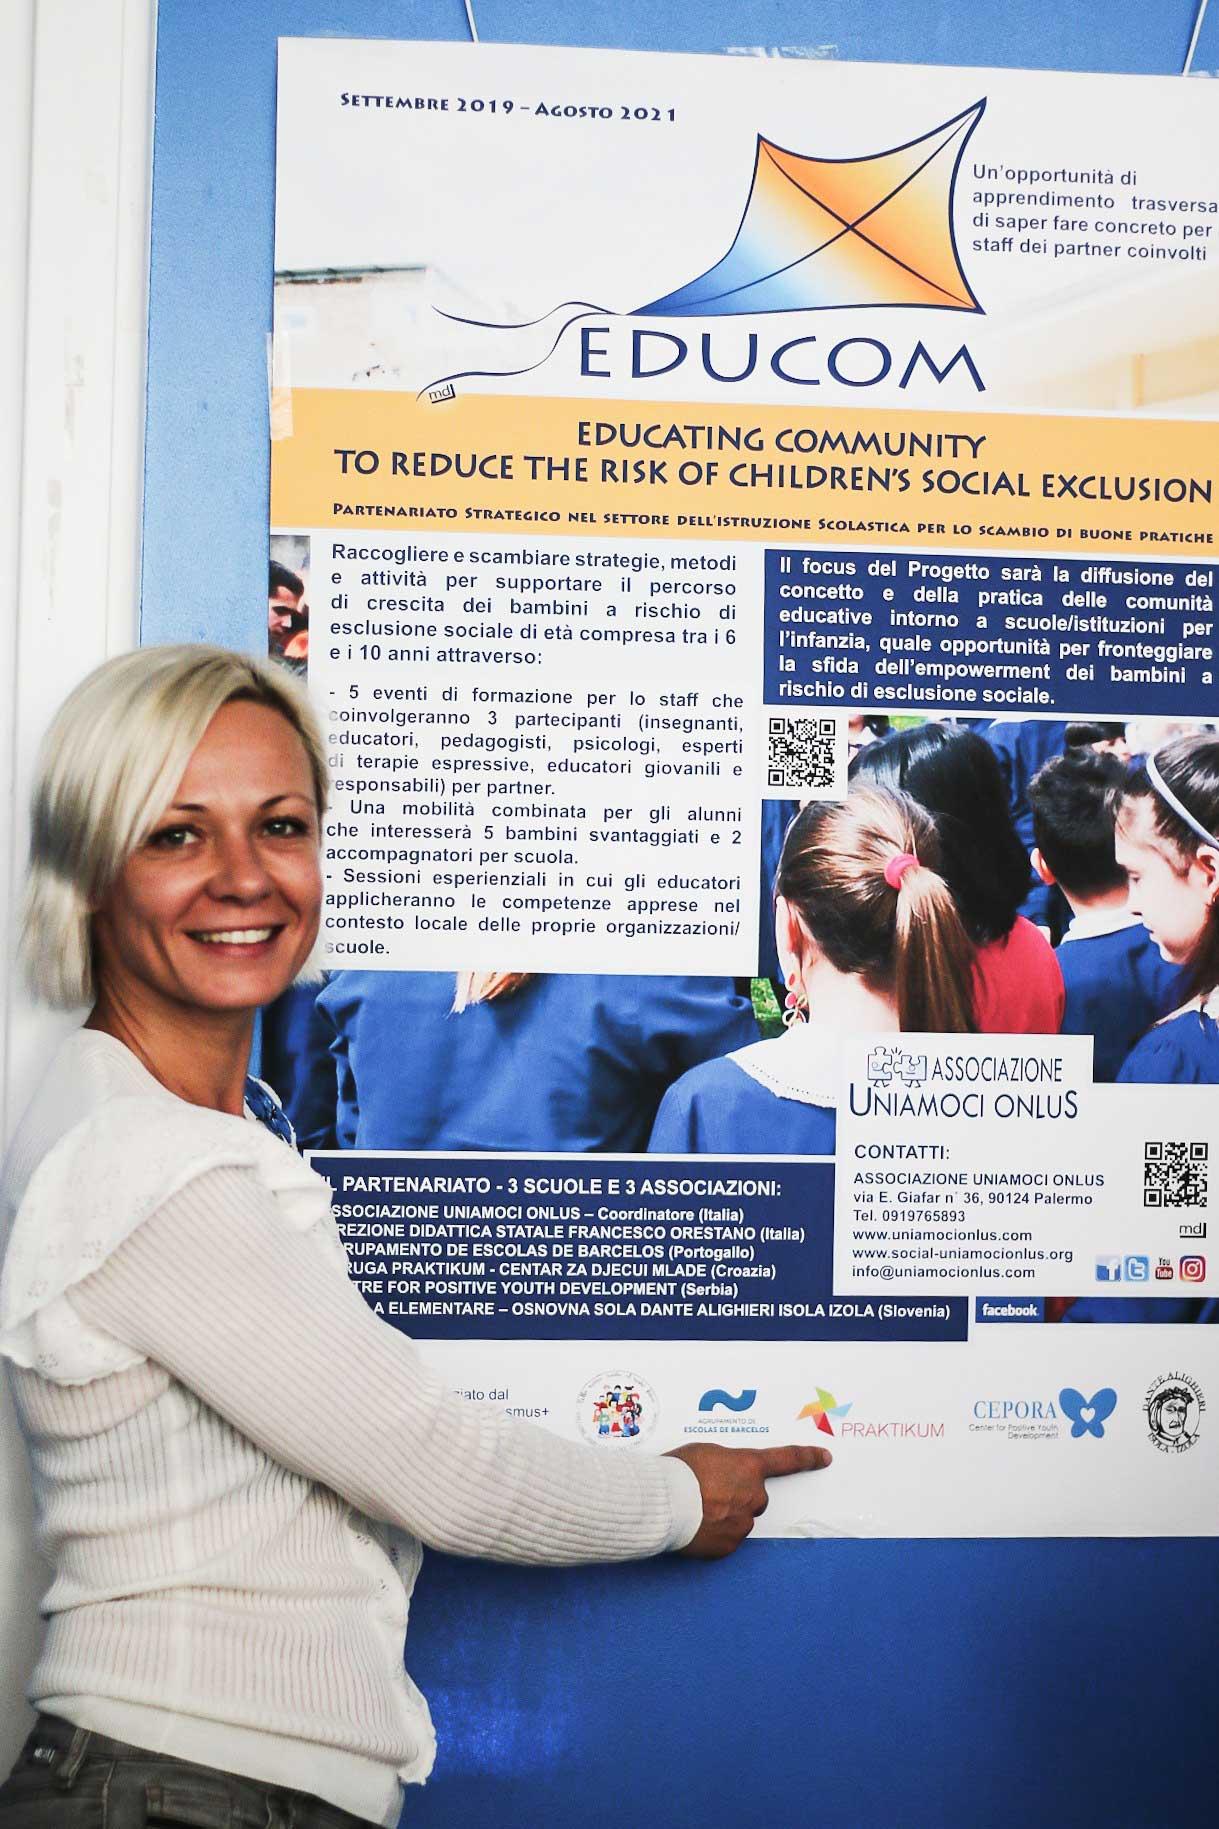 EDUCOM Palermo Praktikum Zagreb - Suradnja organizacija civilnog društva i obrazovnih institucija